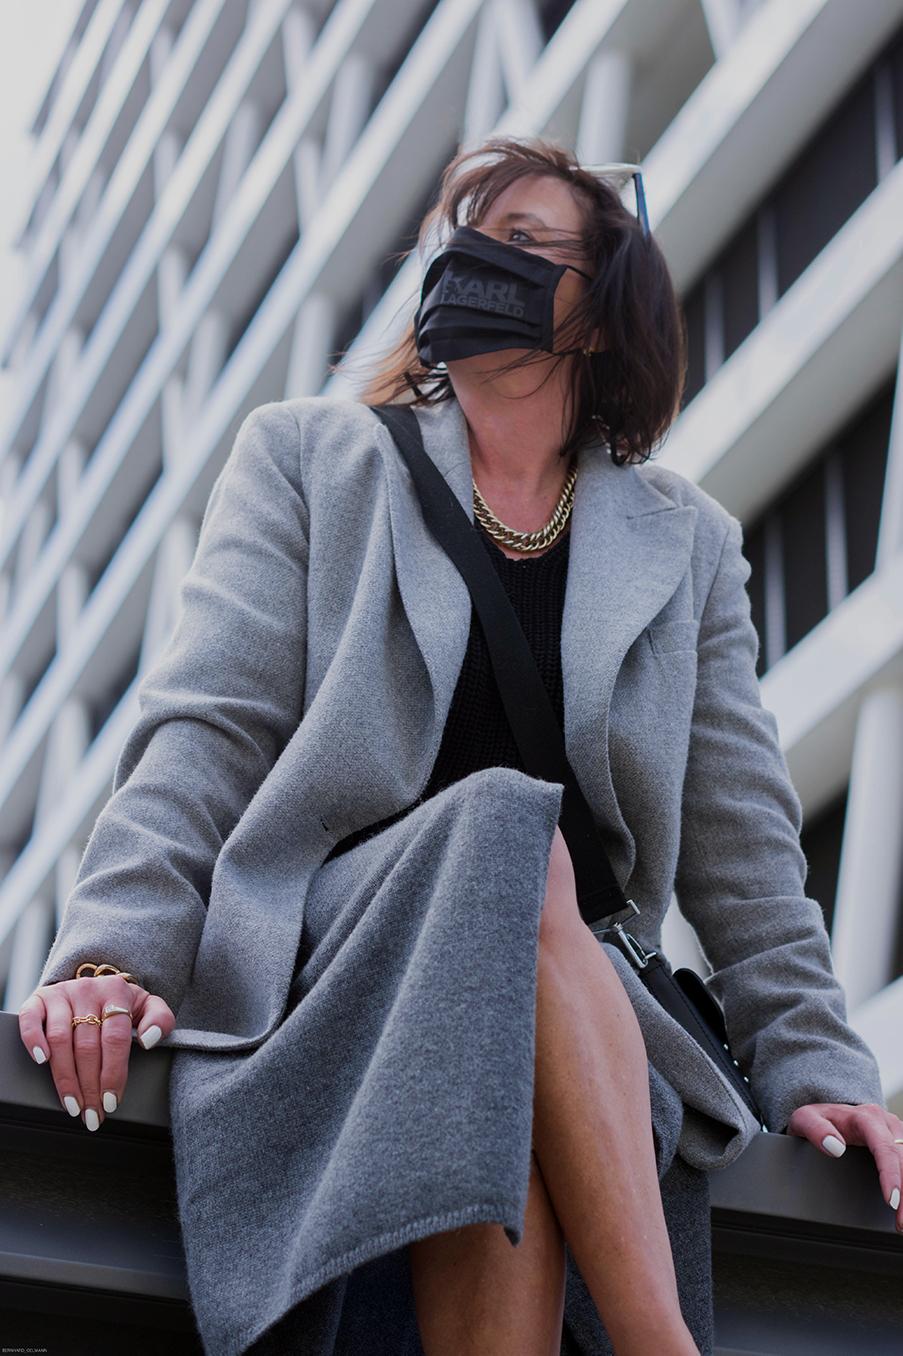 Just-take-a-look Berlin Outfit Grauer Rock und Maske-4.1